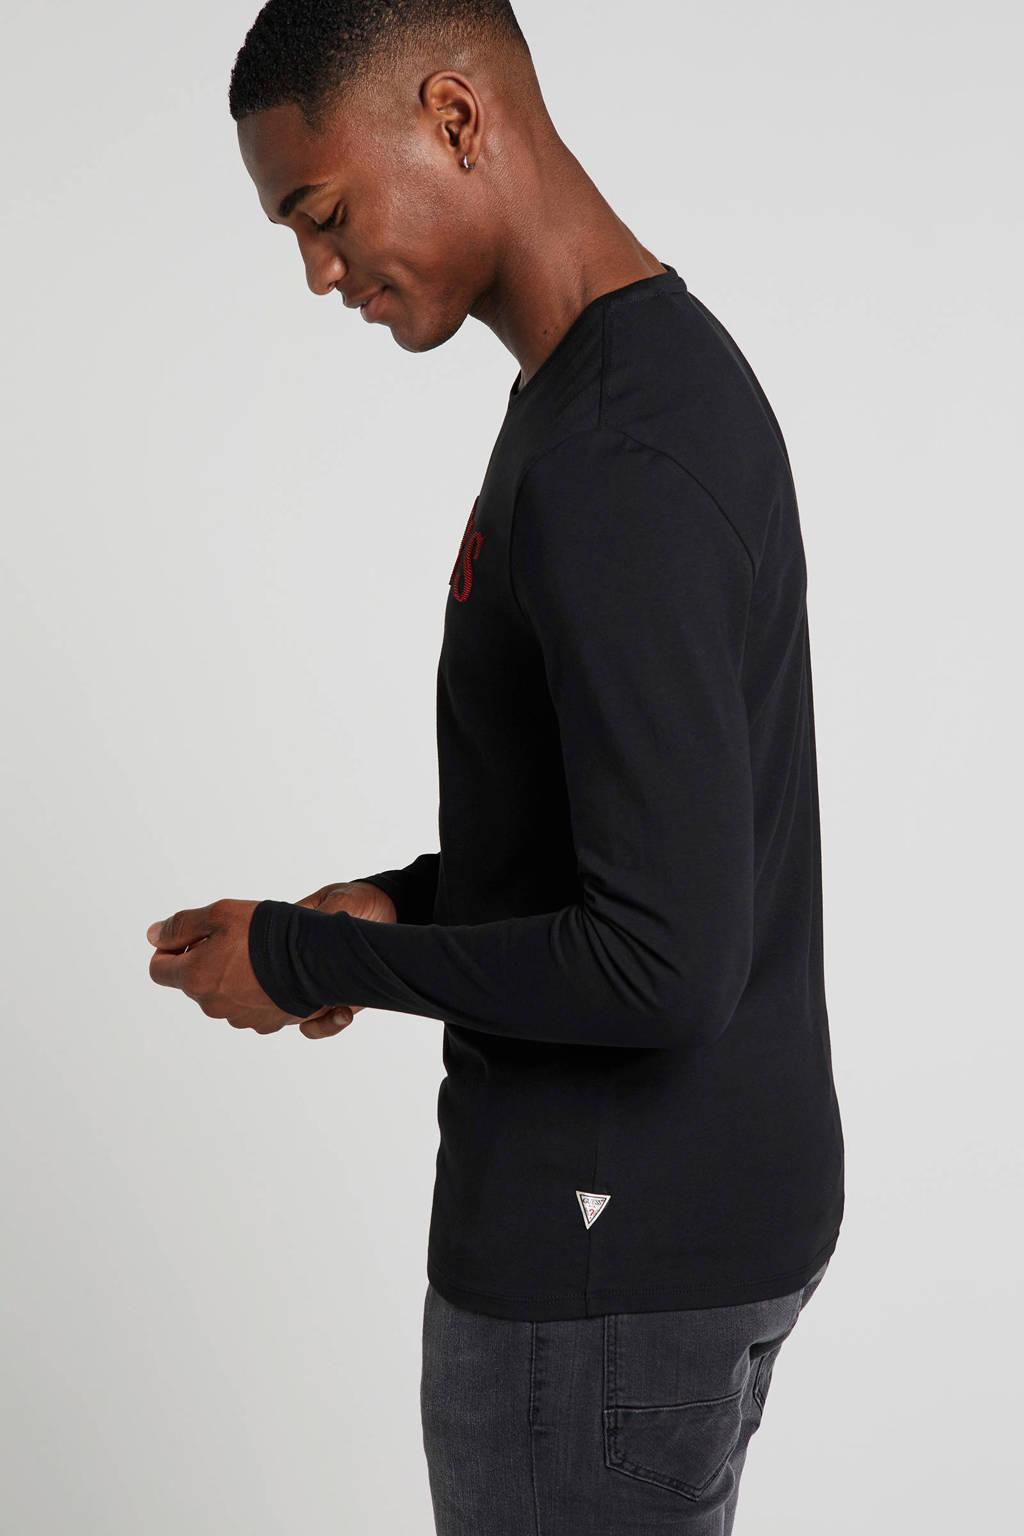 GUESS T-shirt met logo zwart, Zwart/rood